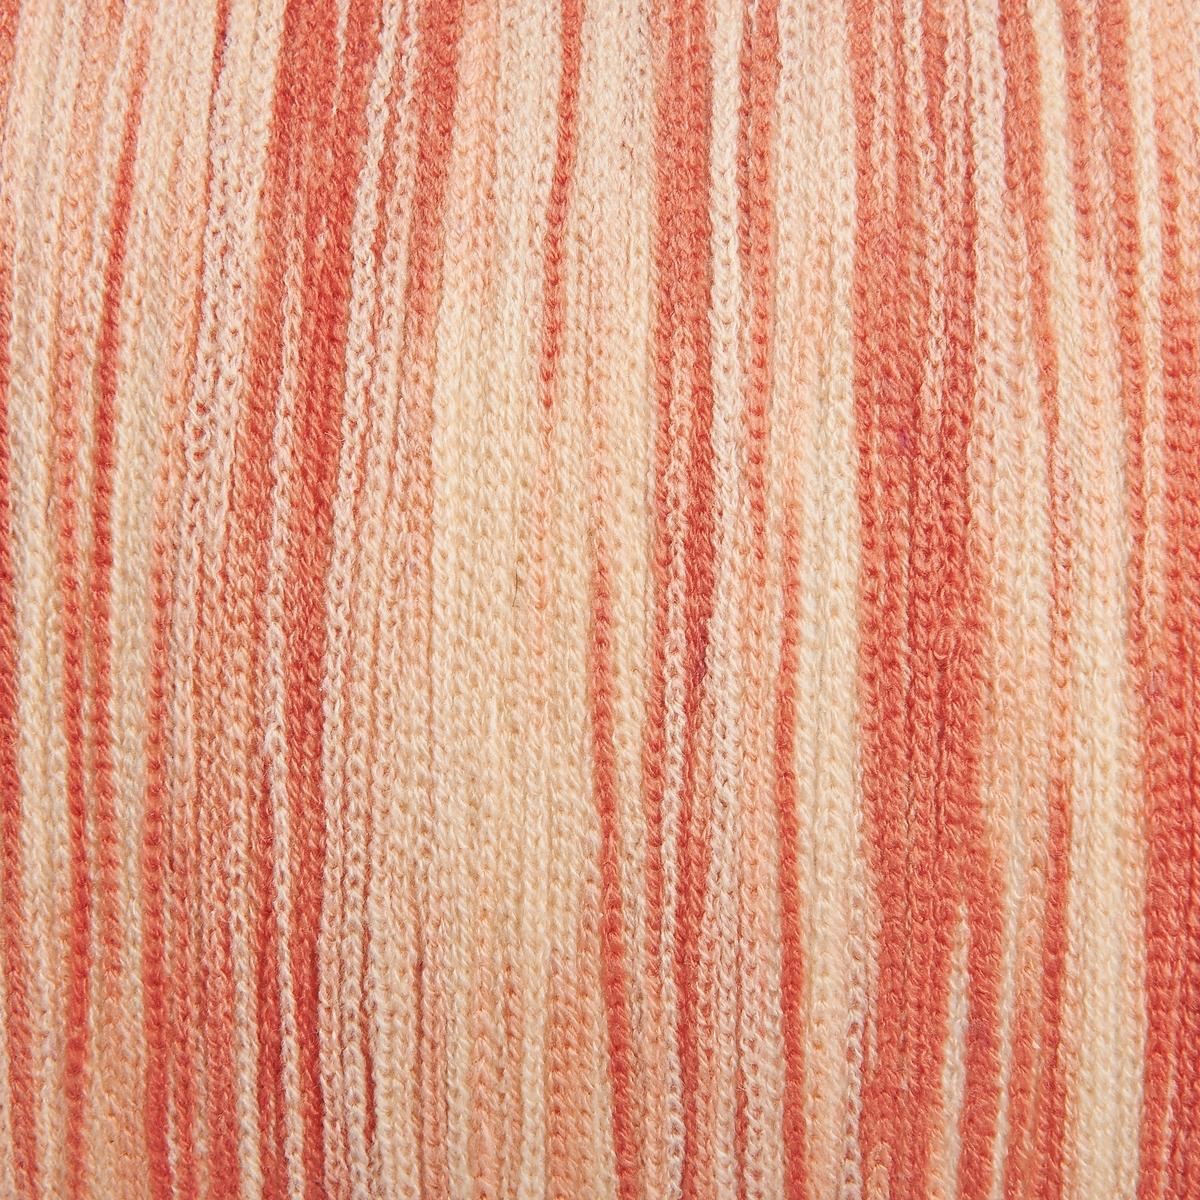 Чехол для подушки EliasВышитый чехол для подушки.Застежка на молнию. Материал :-  100% хлопок, вышивка из акрила. Размер :- 50 x 30 см.<br><br>Цвет: розовый